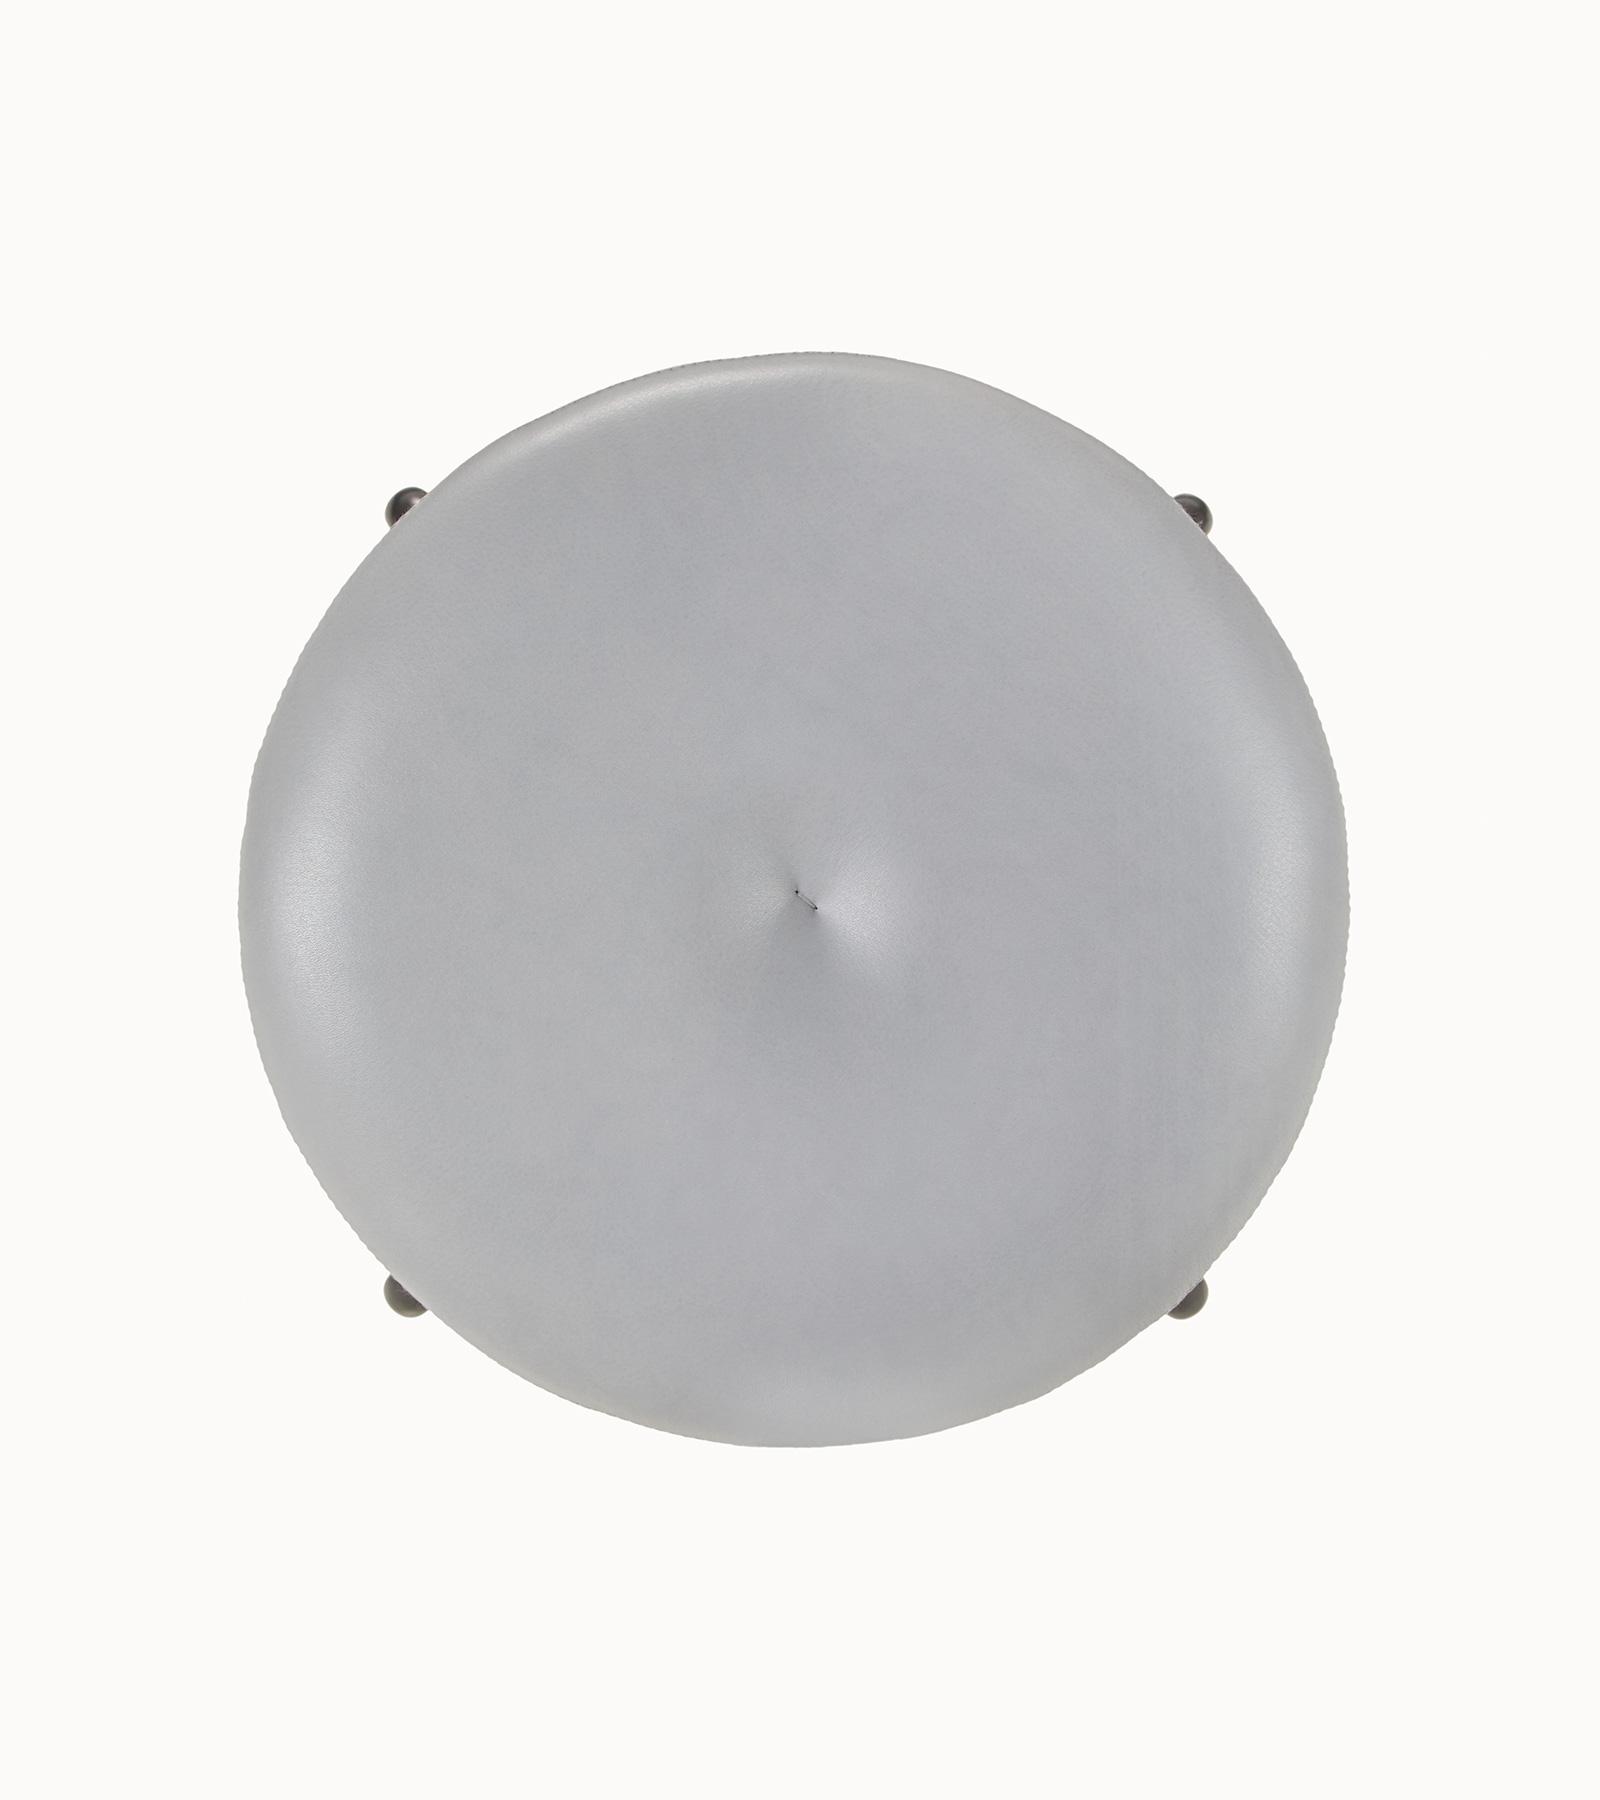 TinnappleMetz-bassamfellows-Circular-Stool-high-07